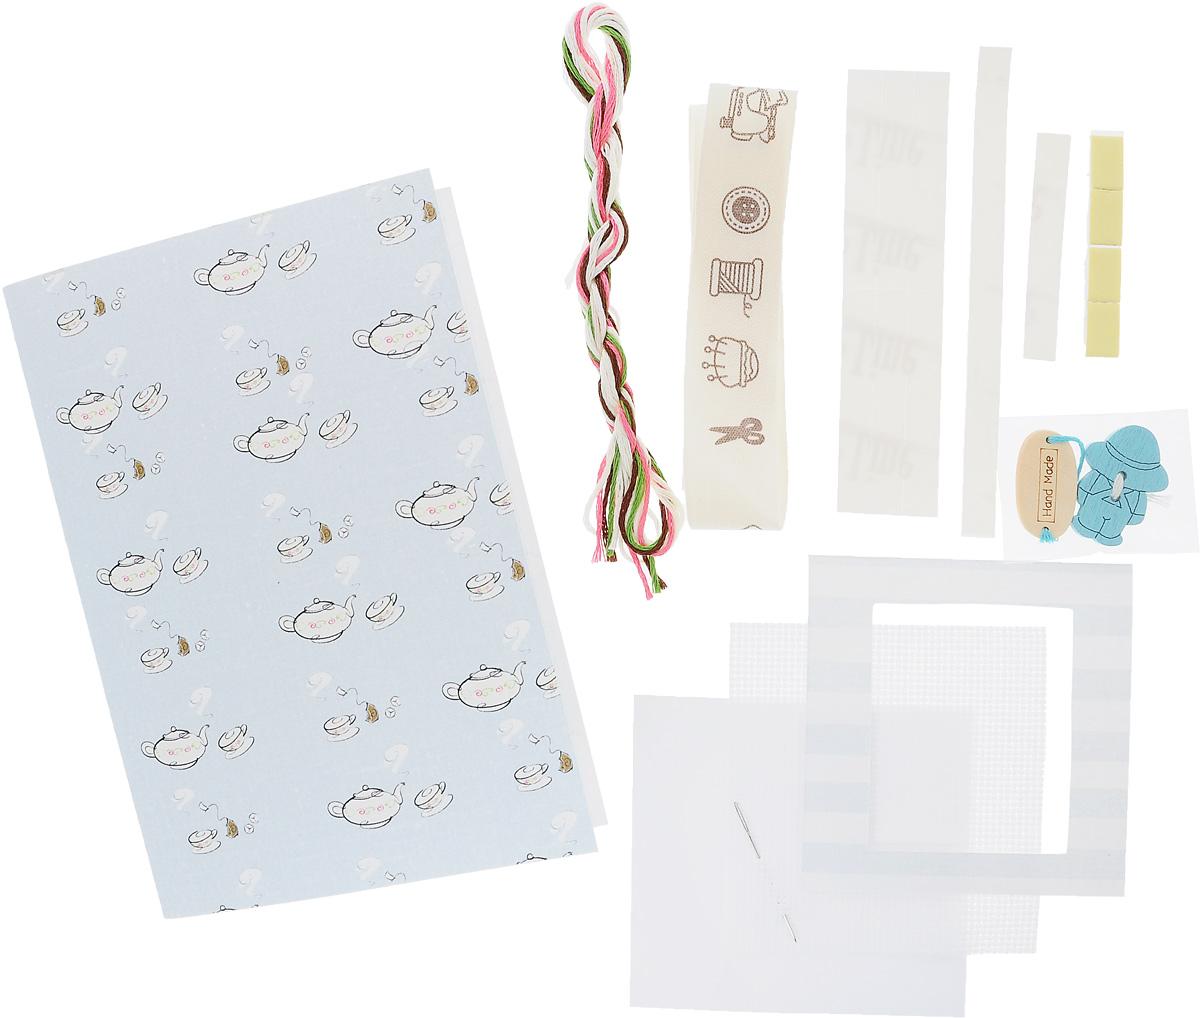 Набор для изготовления открытки Luca-S, 14,5 х 10 см. (S)F-3(S)F-3Набор Luca-S поможет создать своими руками красивую открытку с элементом вышивки. Этот набор отвлечет вас от повседневных забот и превратится в увлекательное занятие с вашим ребенком! Работа, сделанная своими руками, будет отличным подарком для друзей и близких! Набор с полной сборкой содержит все необходимые материалы для создание открытки. В набор входит: - паспарту, - деревянные пришивные украшения (2 шт), - декоративная лента, - двухсторонний скотч, - картонная рамка для вышивки, - канва Aida Zweigart №16 (белого цвета), - мулине Anchor - 100% мерсеризованный хлопок (4 цвета), - черно-белая символьная схема, - инструкция на русском языке, - игла. Размер готовой открытки: 14,5 х 10 см. Размер канвы: 7,3 х 6,8 см.